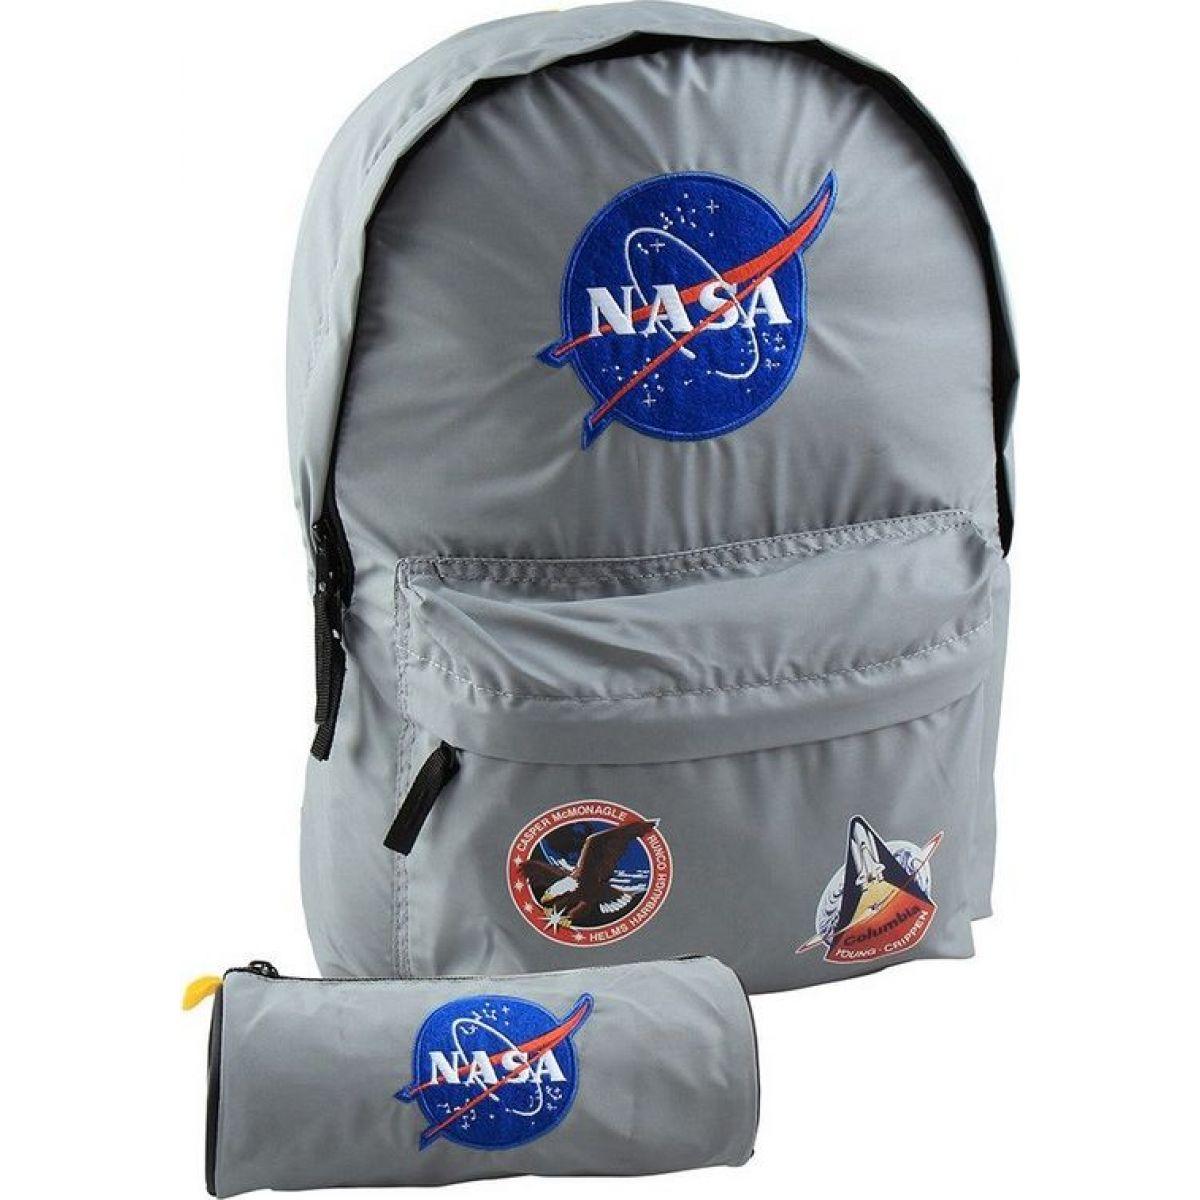 Batoh + puzdro na perá NASA